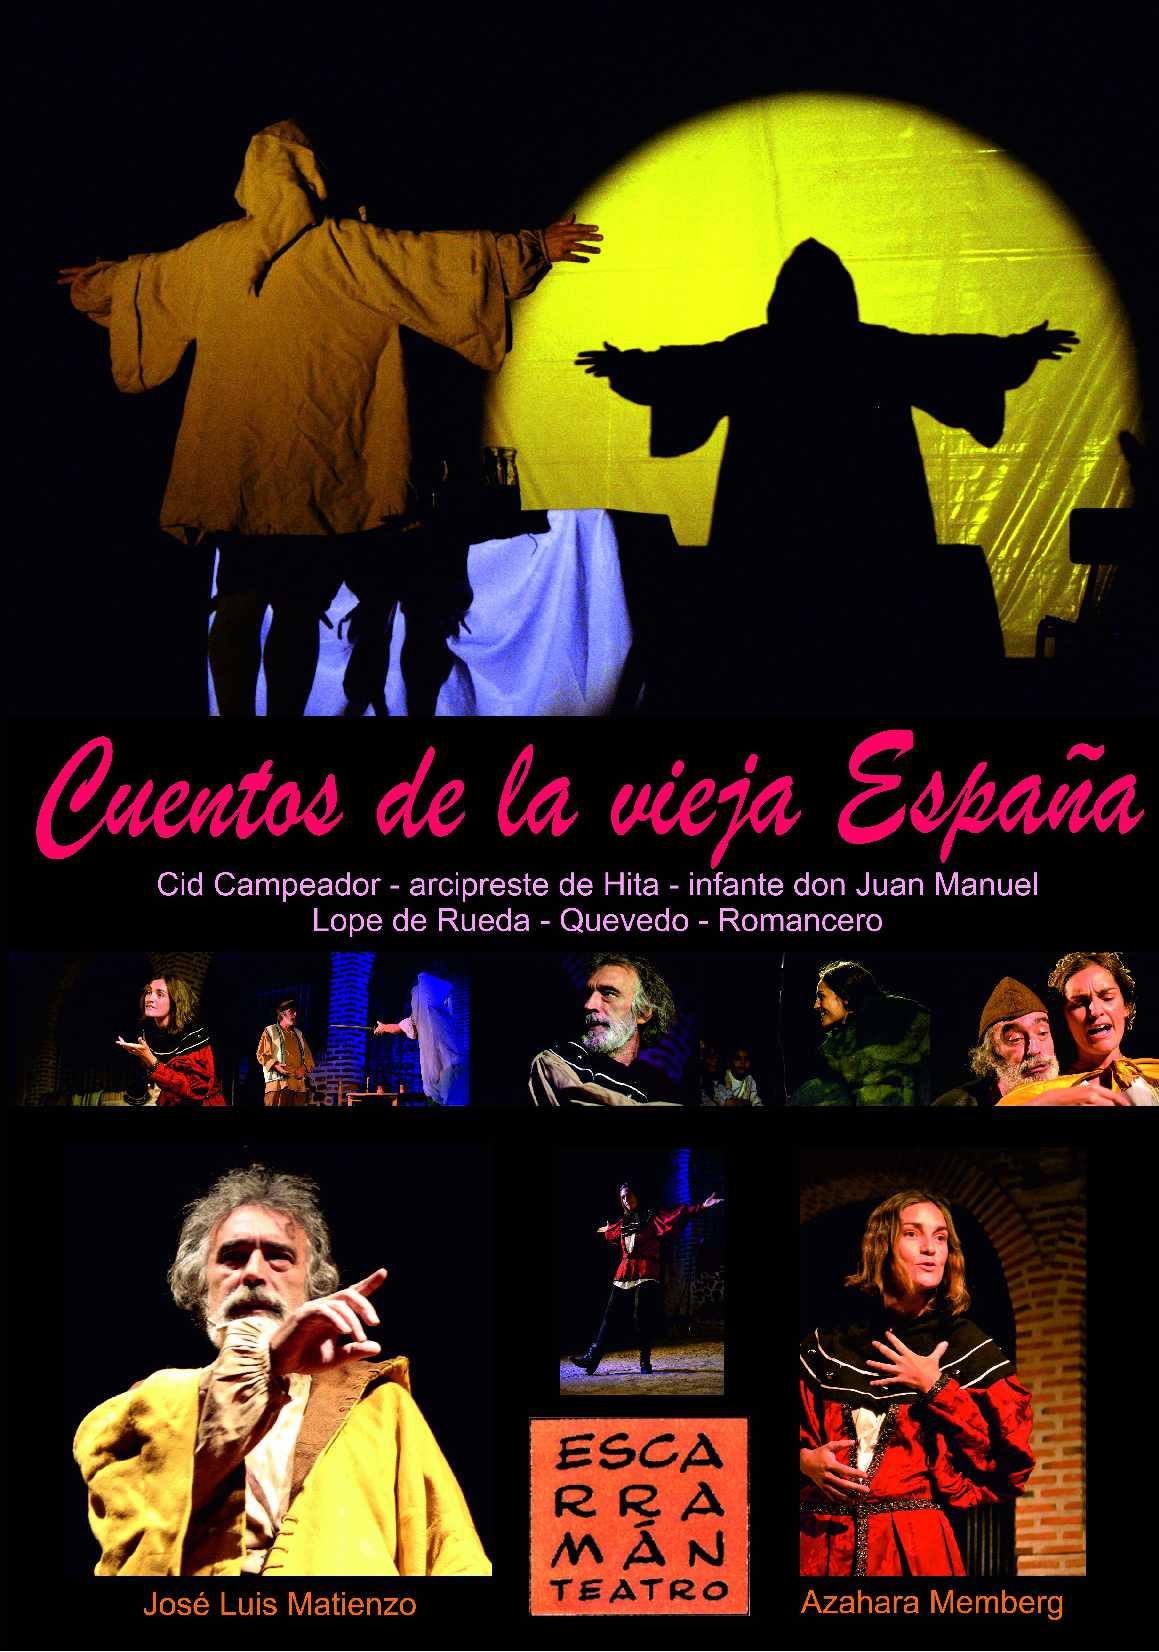 CUENTOS DE LA VIEJA ESPAÑA Teatro Moderno Guadalajara